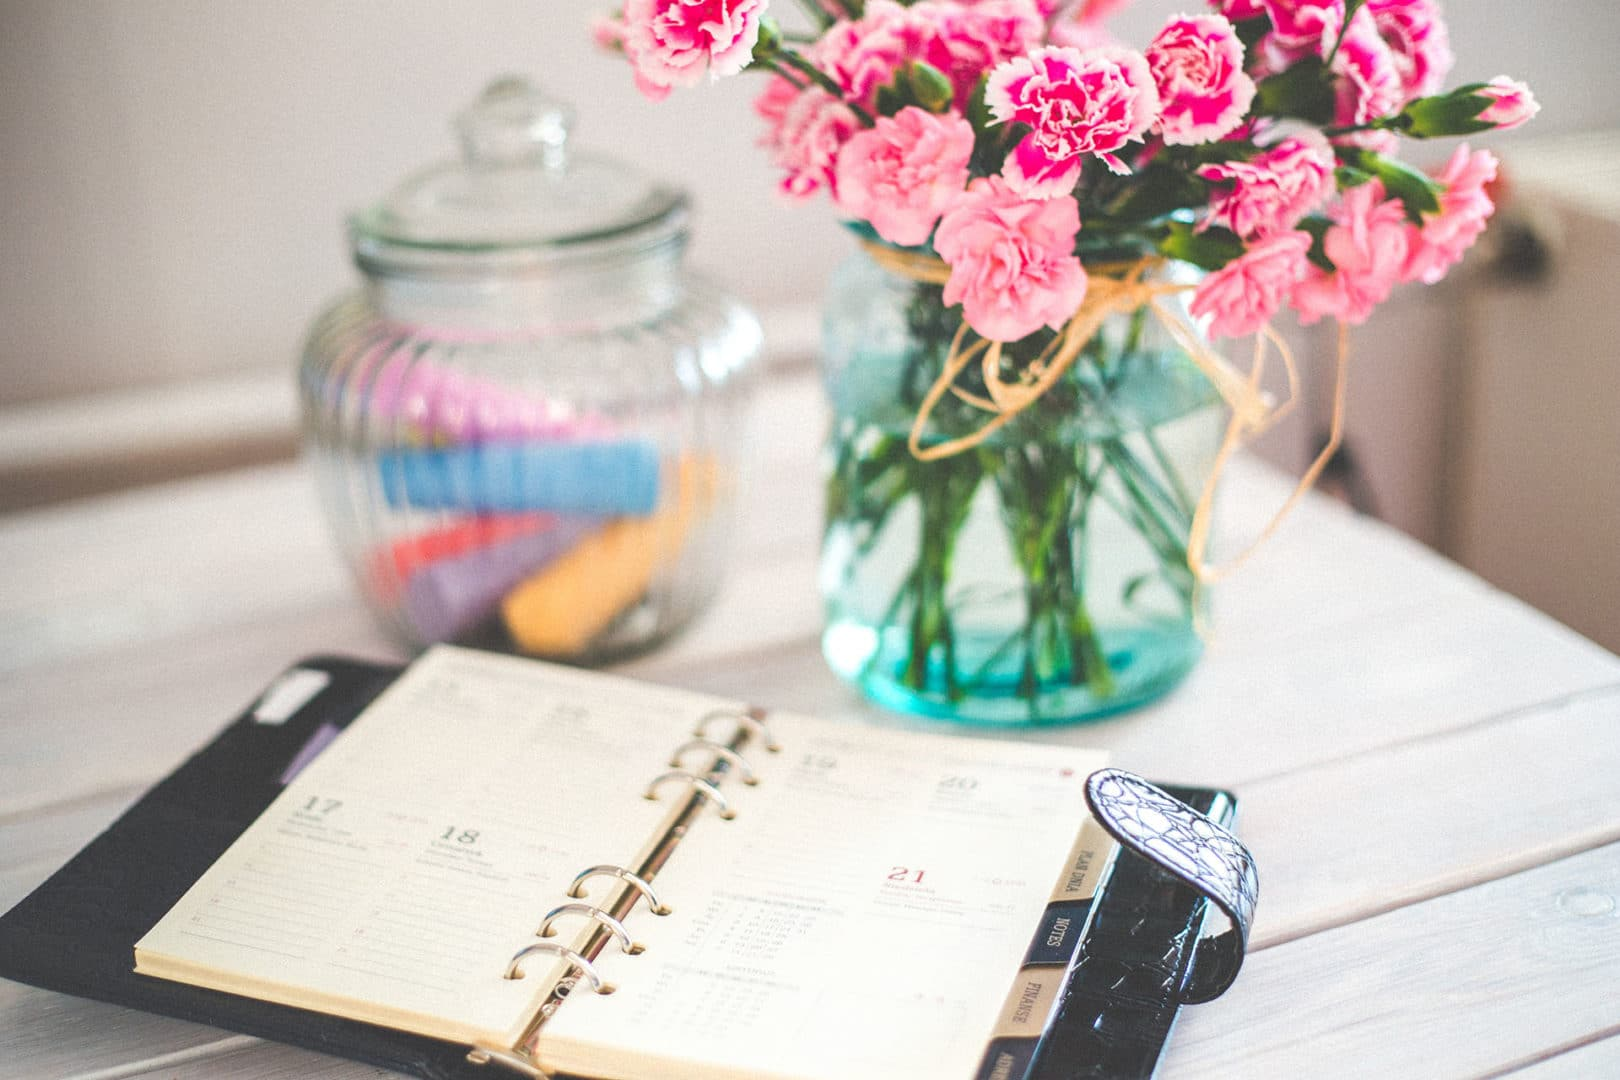 Ein Kalender vor einem Blumenstrauß